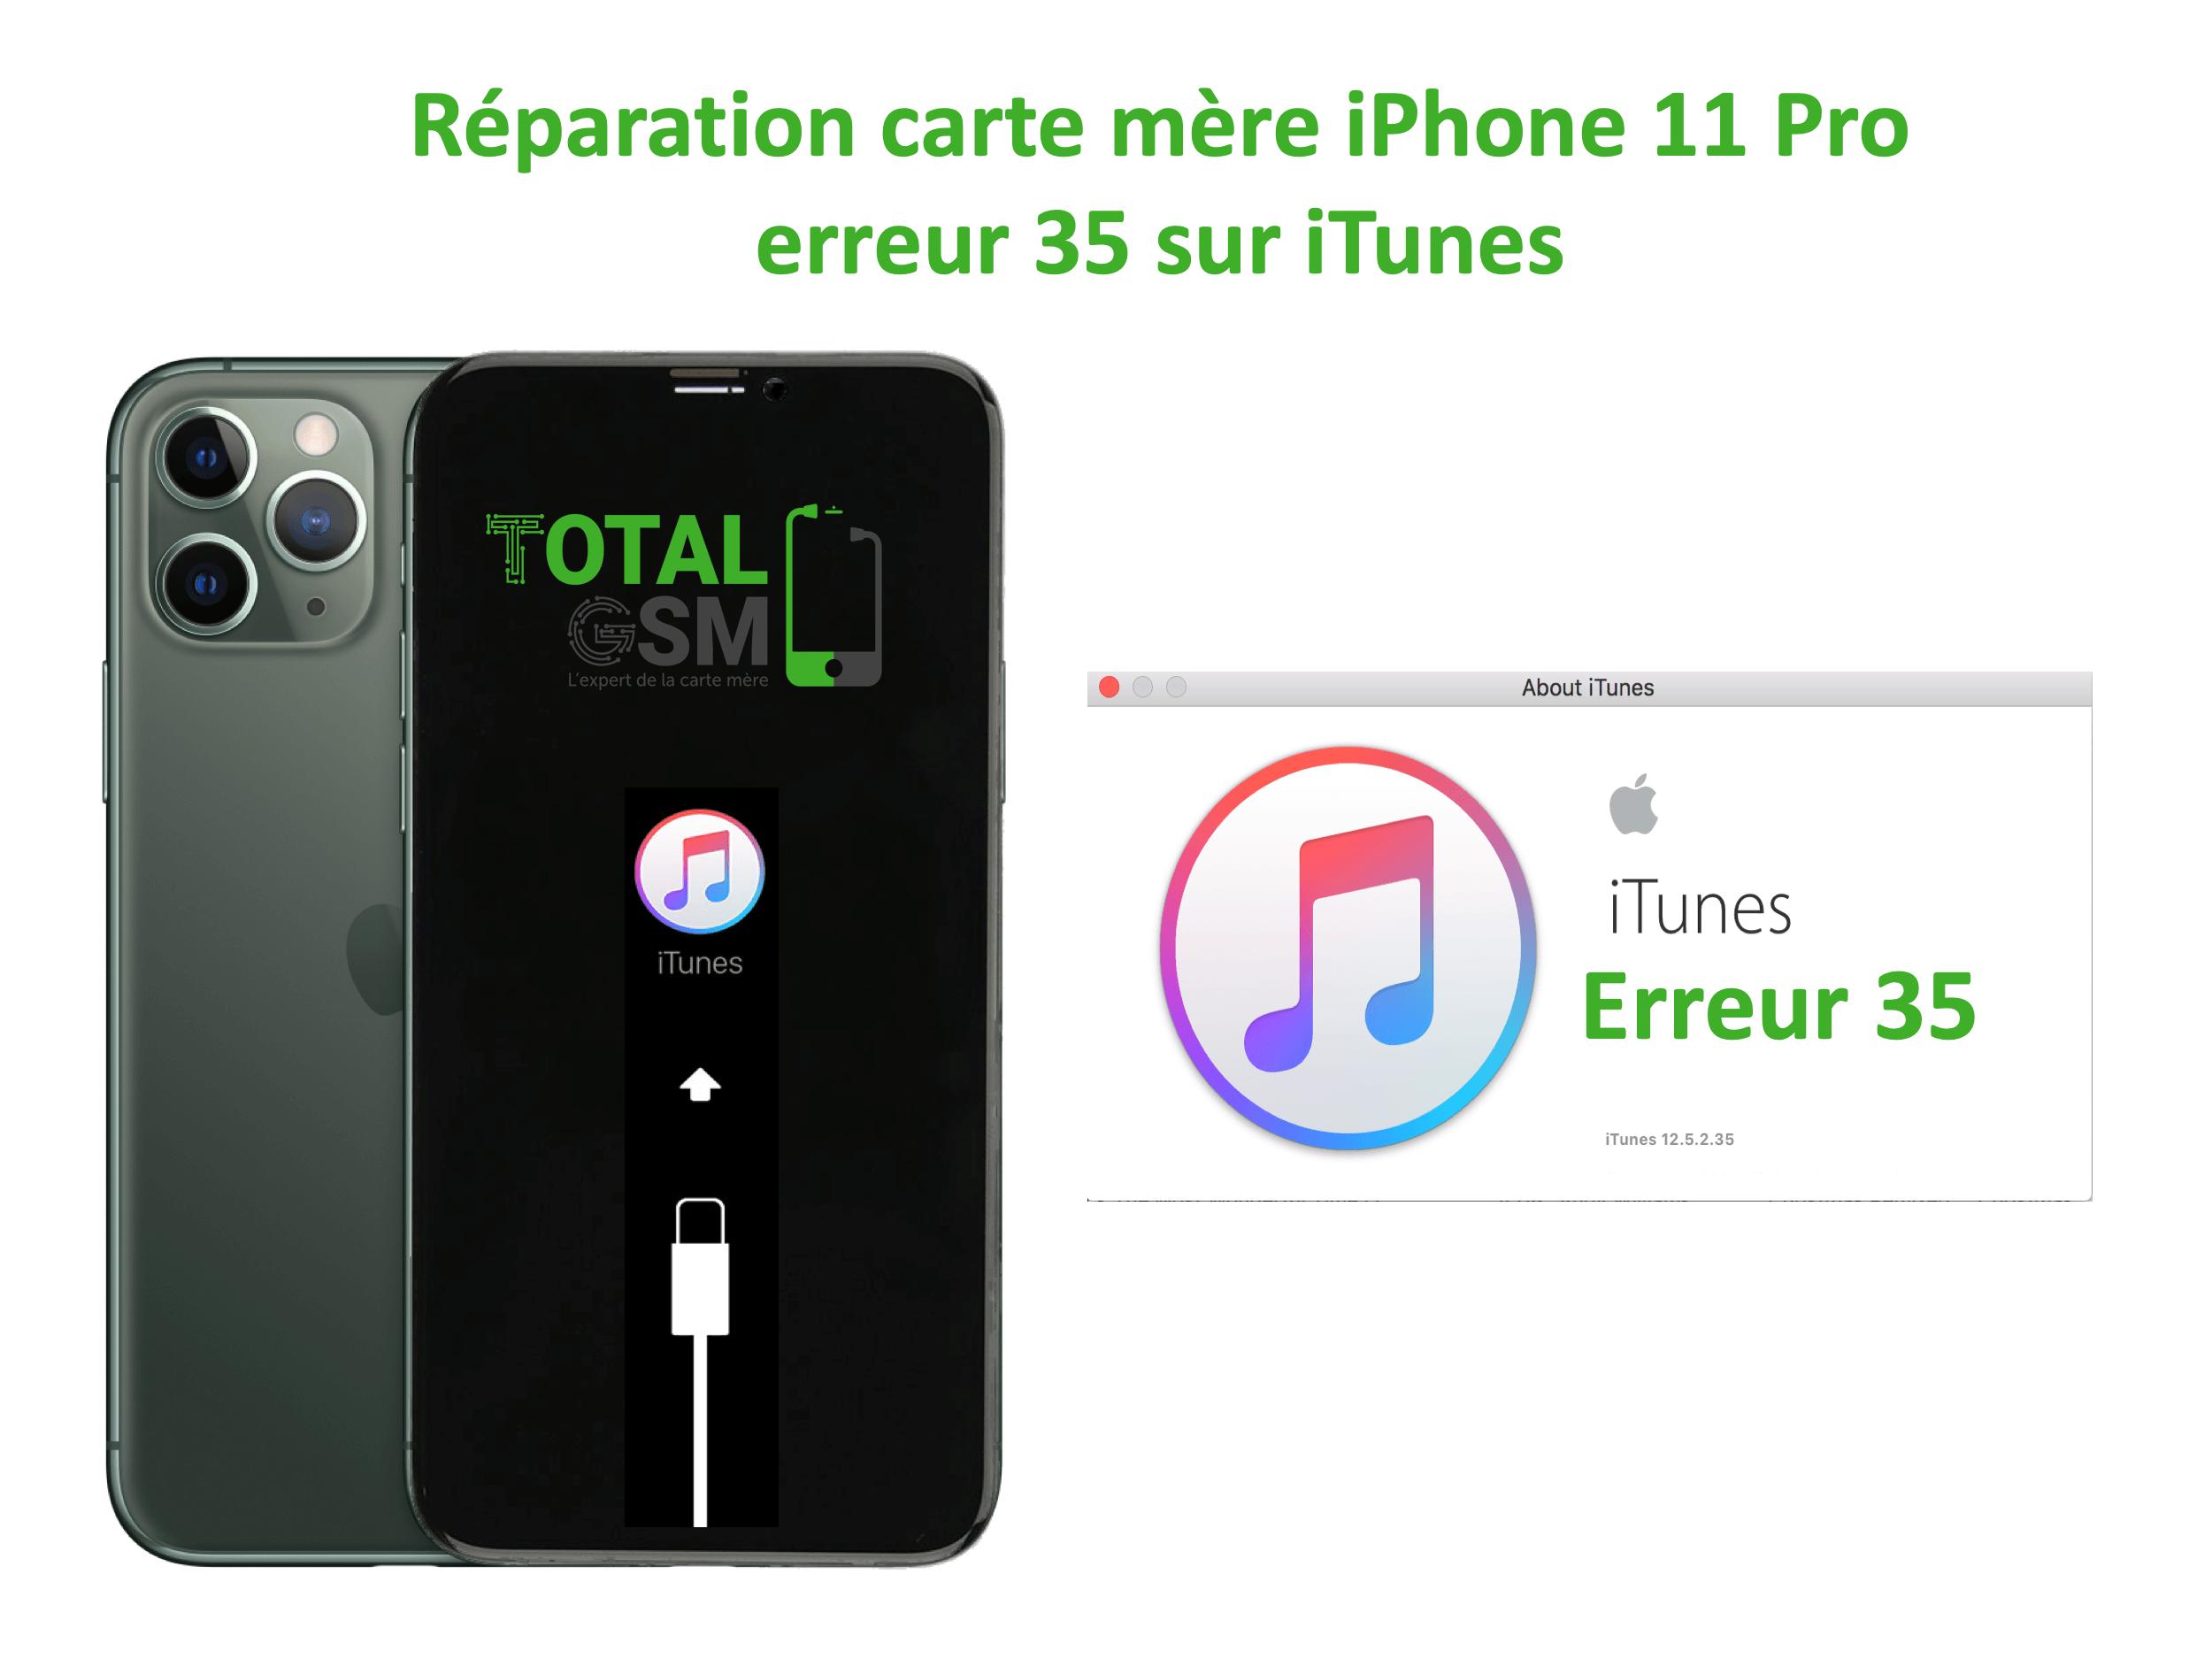 iPhone-11-pro-reparation-probleme-erreur-35-sur-itunes